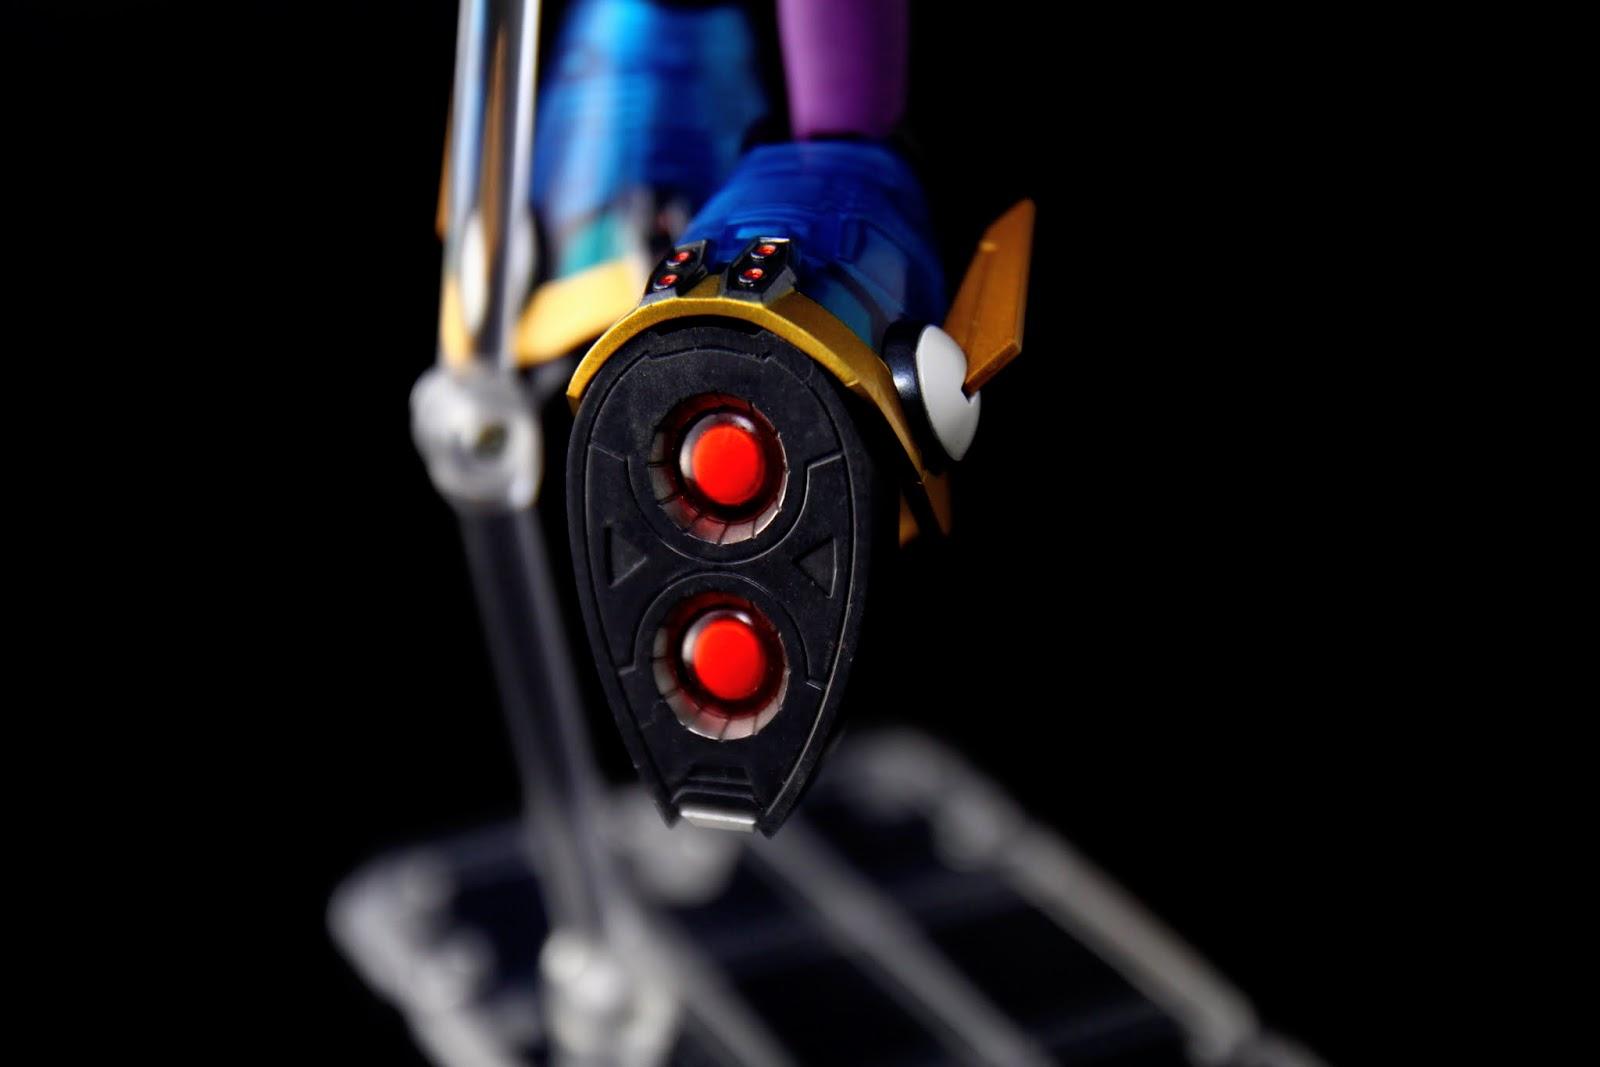 腳底的噴射裝置也很漂亮,這組的CP值真的不錯